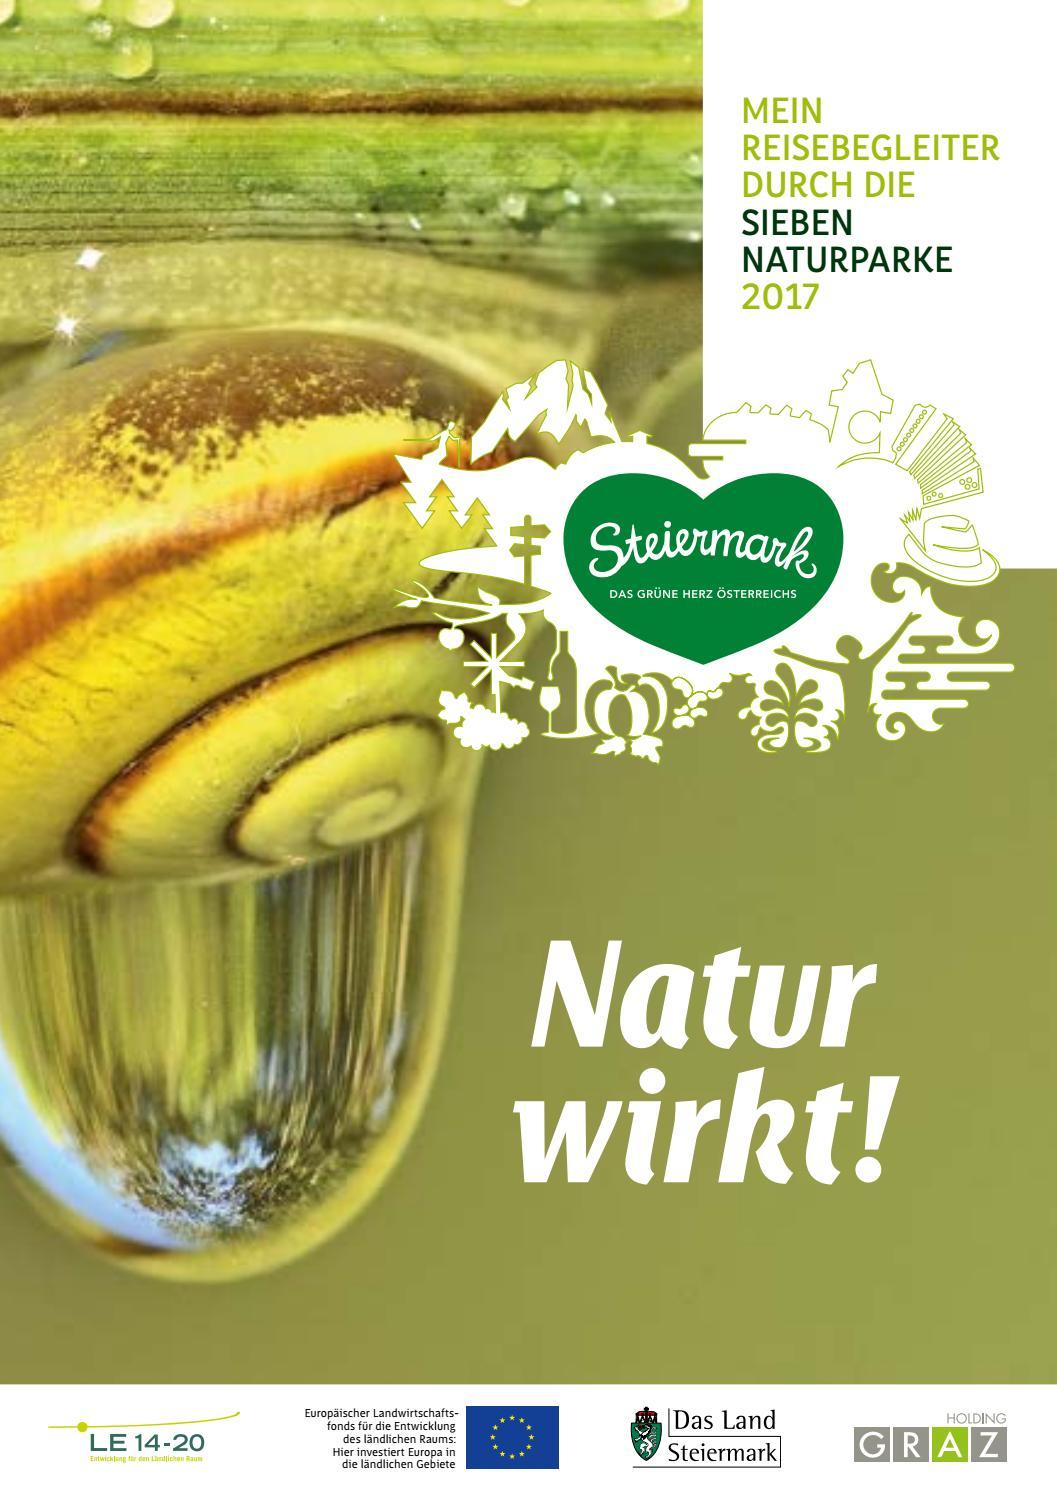 Natur wirkt! 2017 by Naturparke Steiermark - issuu